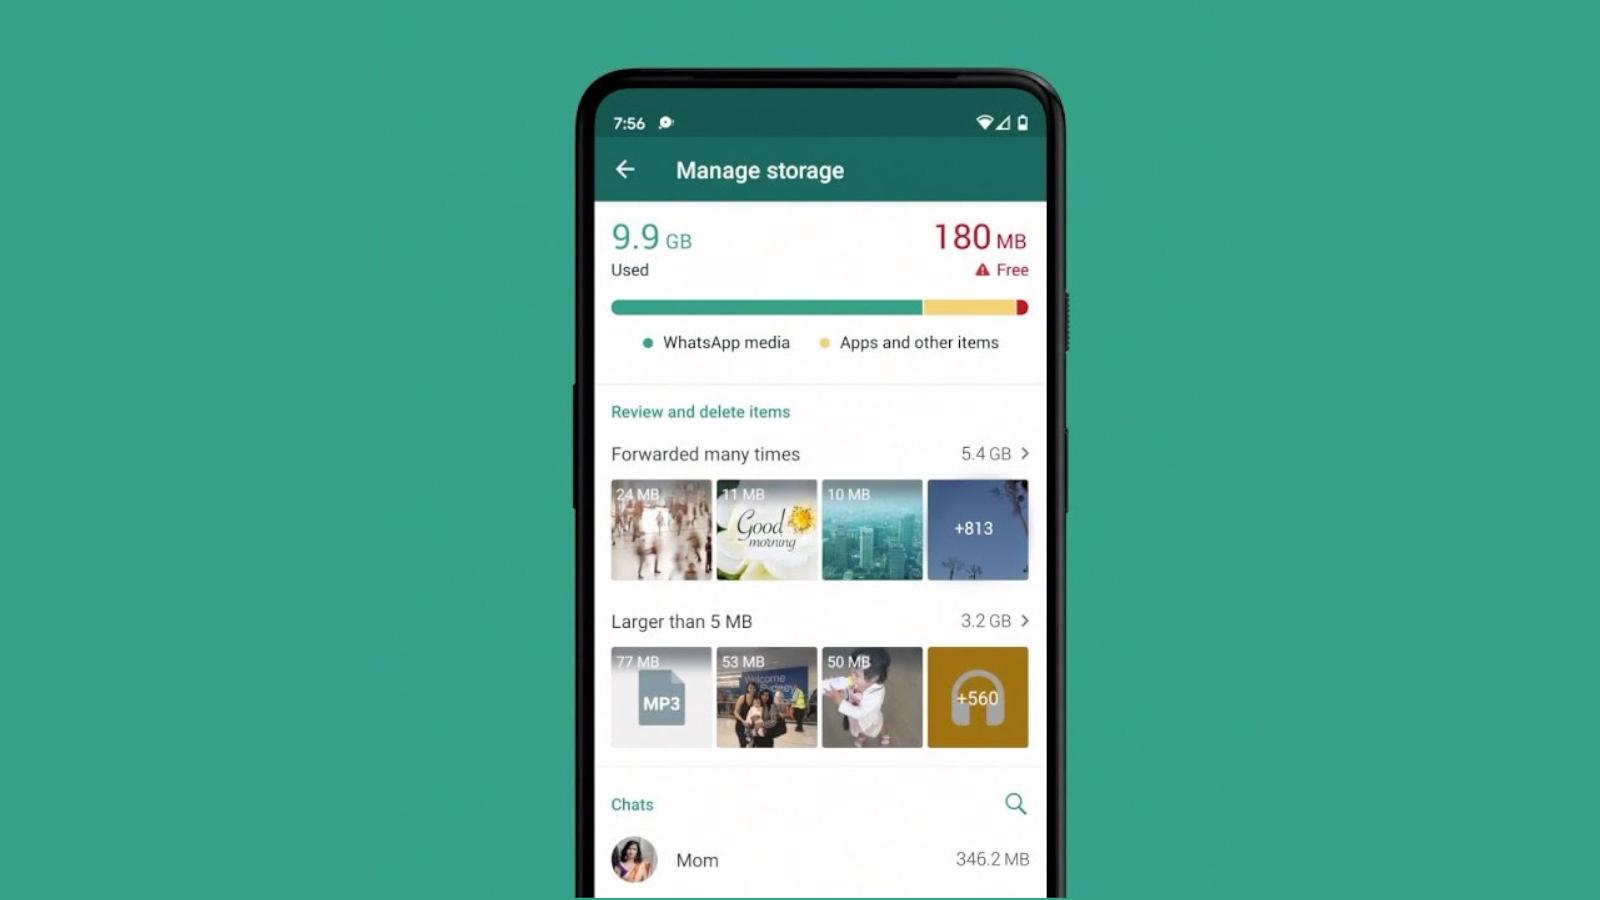 Imagem mostrando como remover arquivos do whatsapp na nova ferramenta